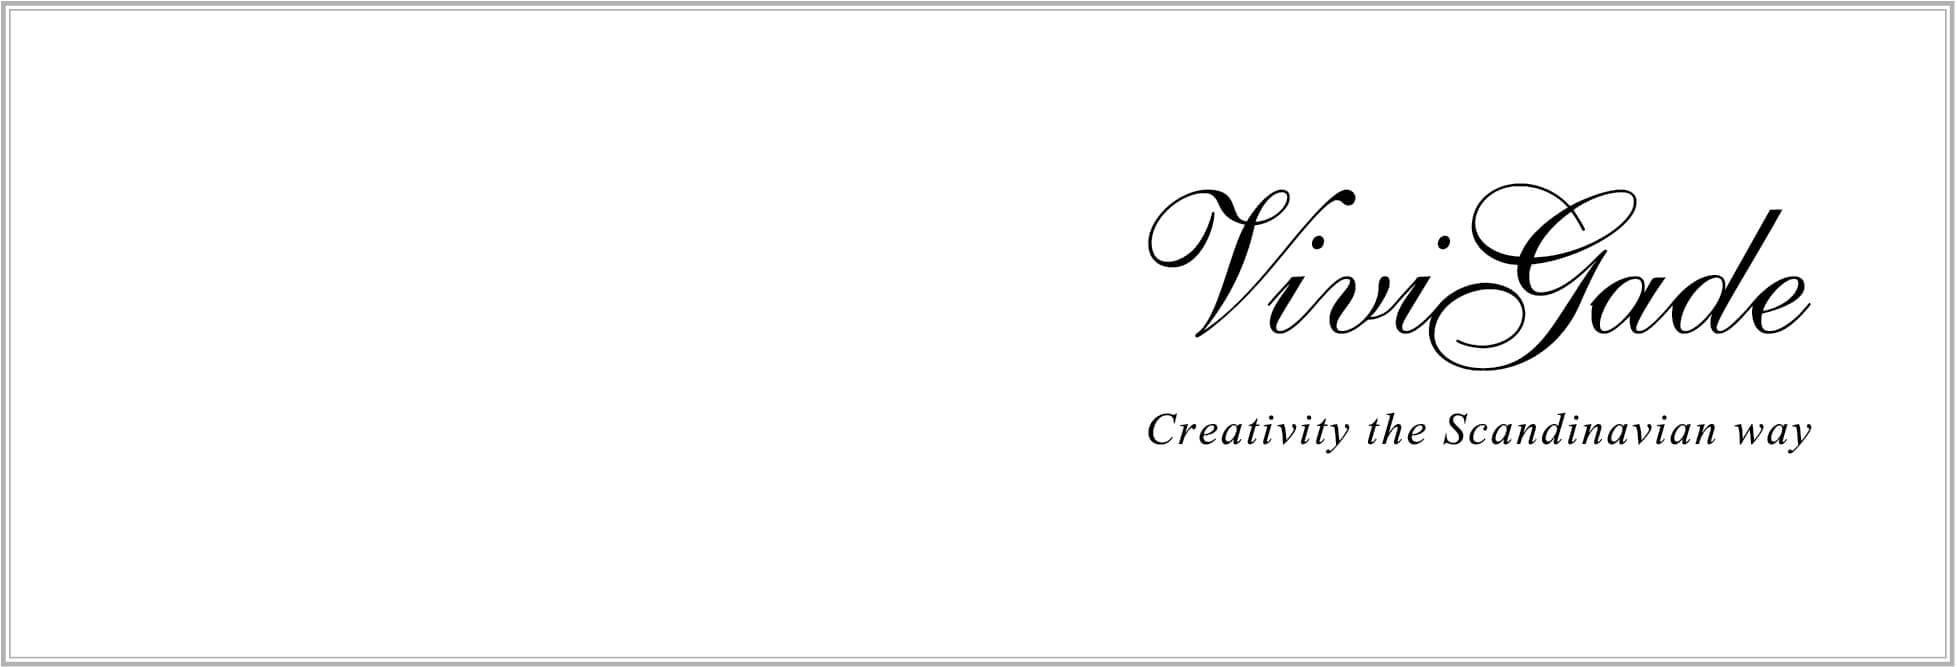 Kreativa idéer